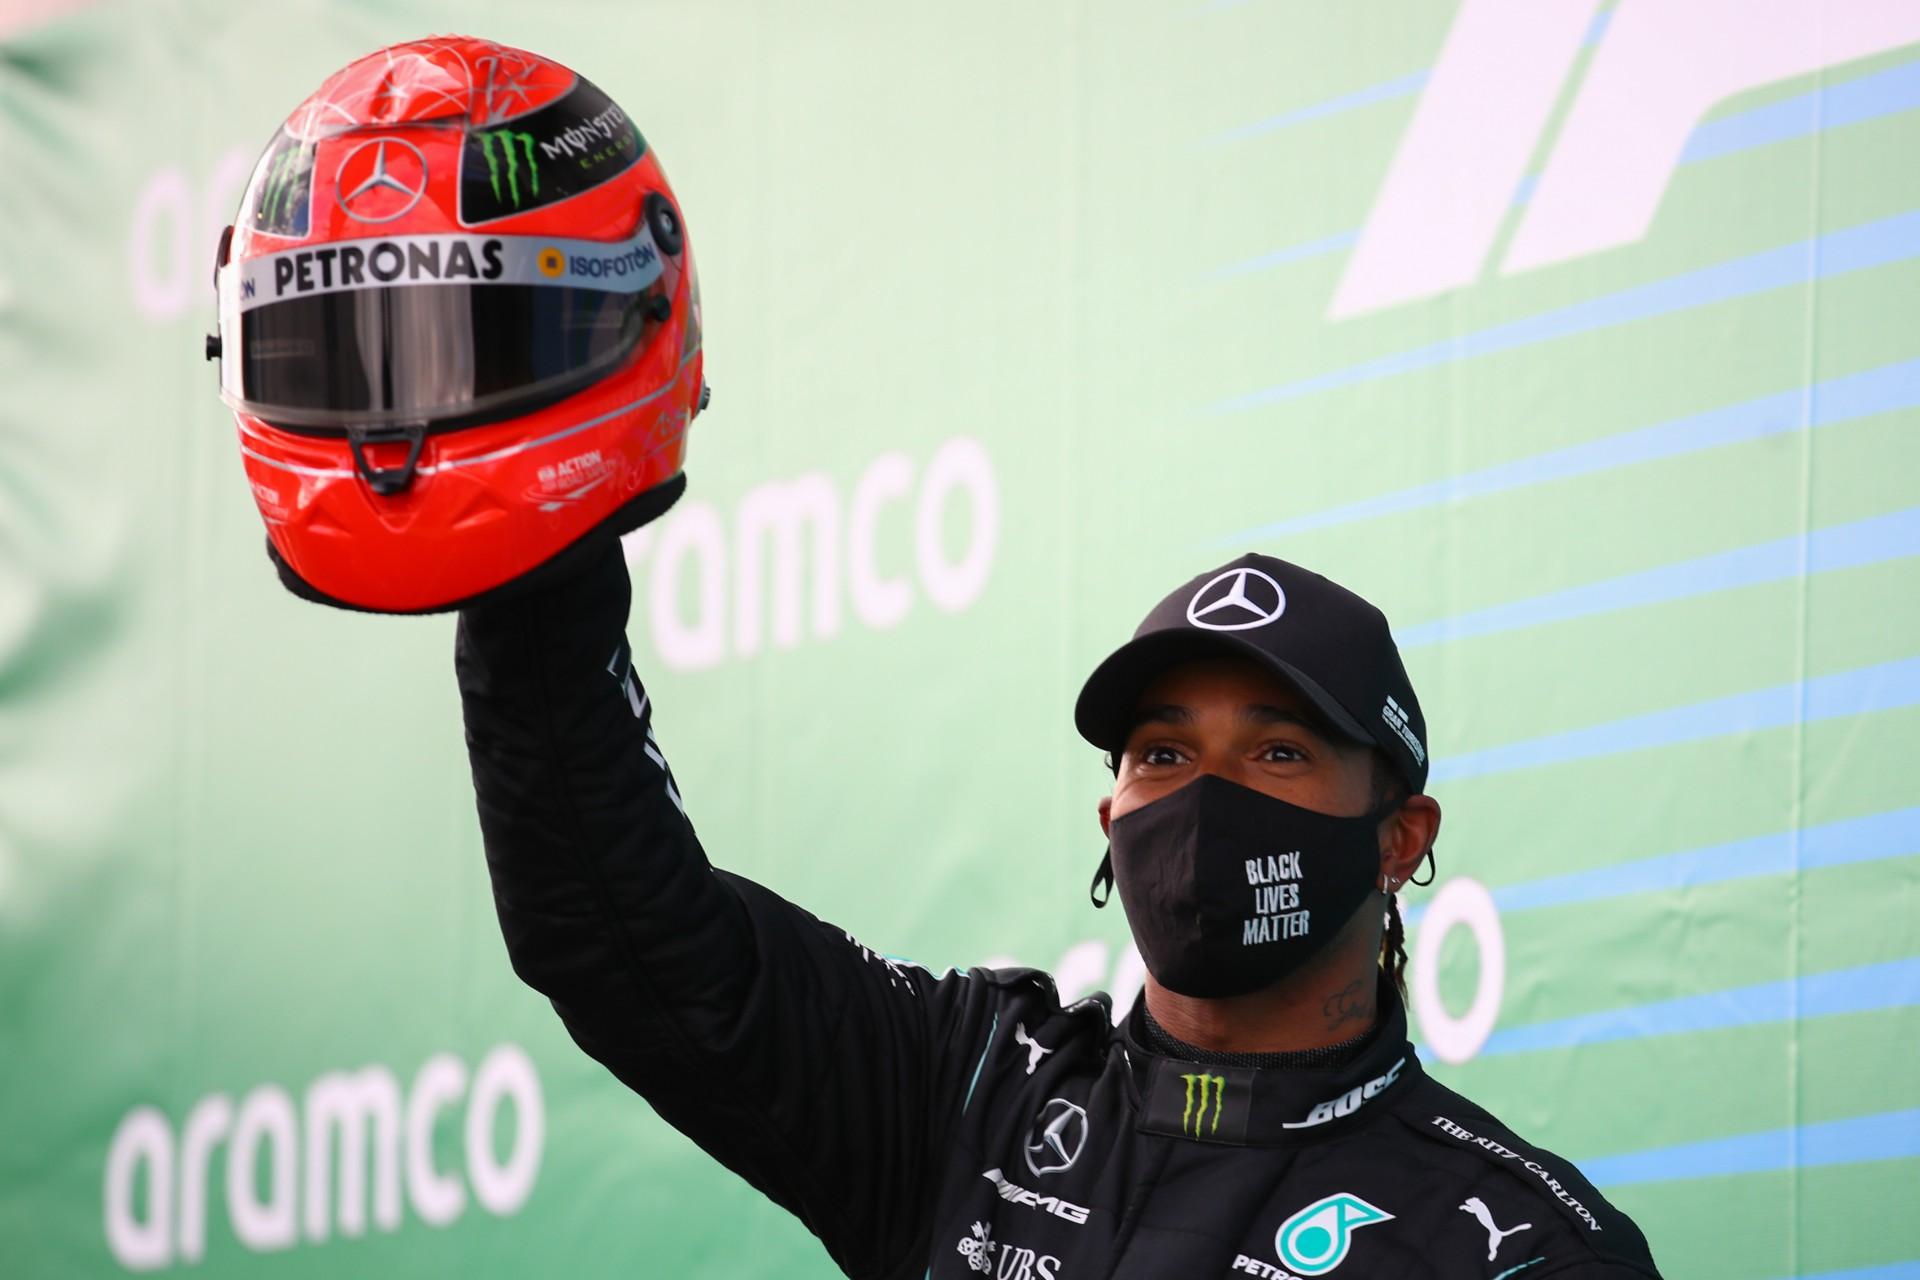 Lewis Hamilton revela sonho de pilotar a Ferrari: 'Isso aquece meu coração'